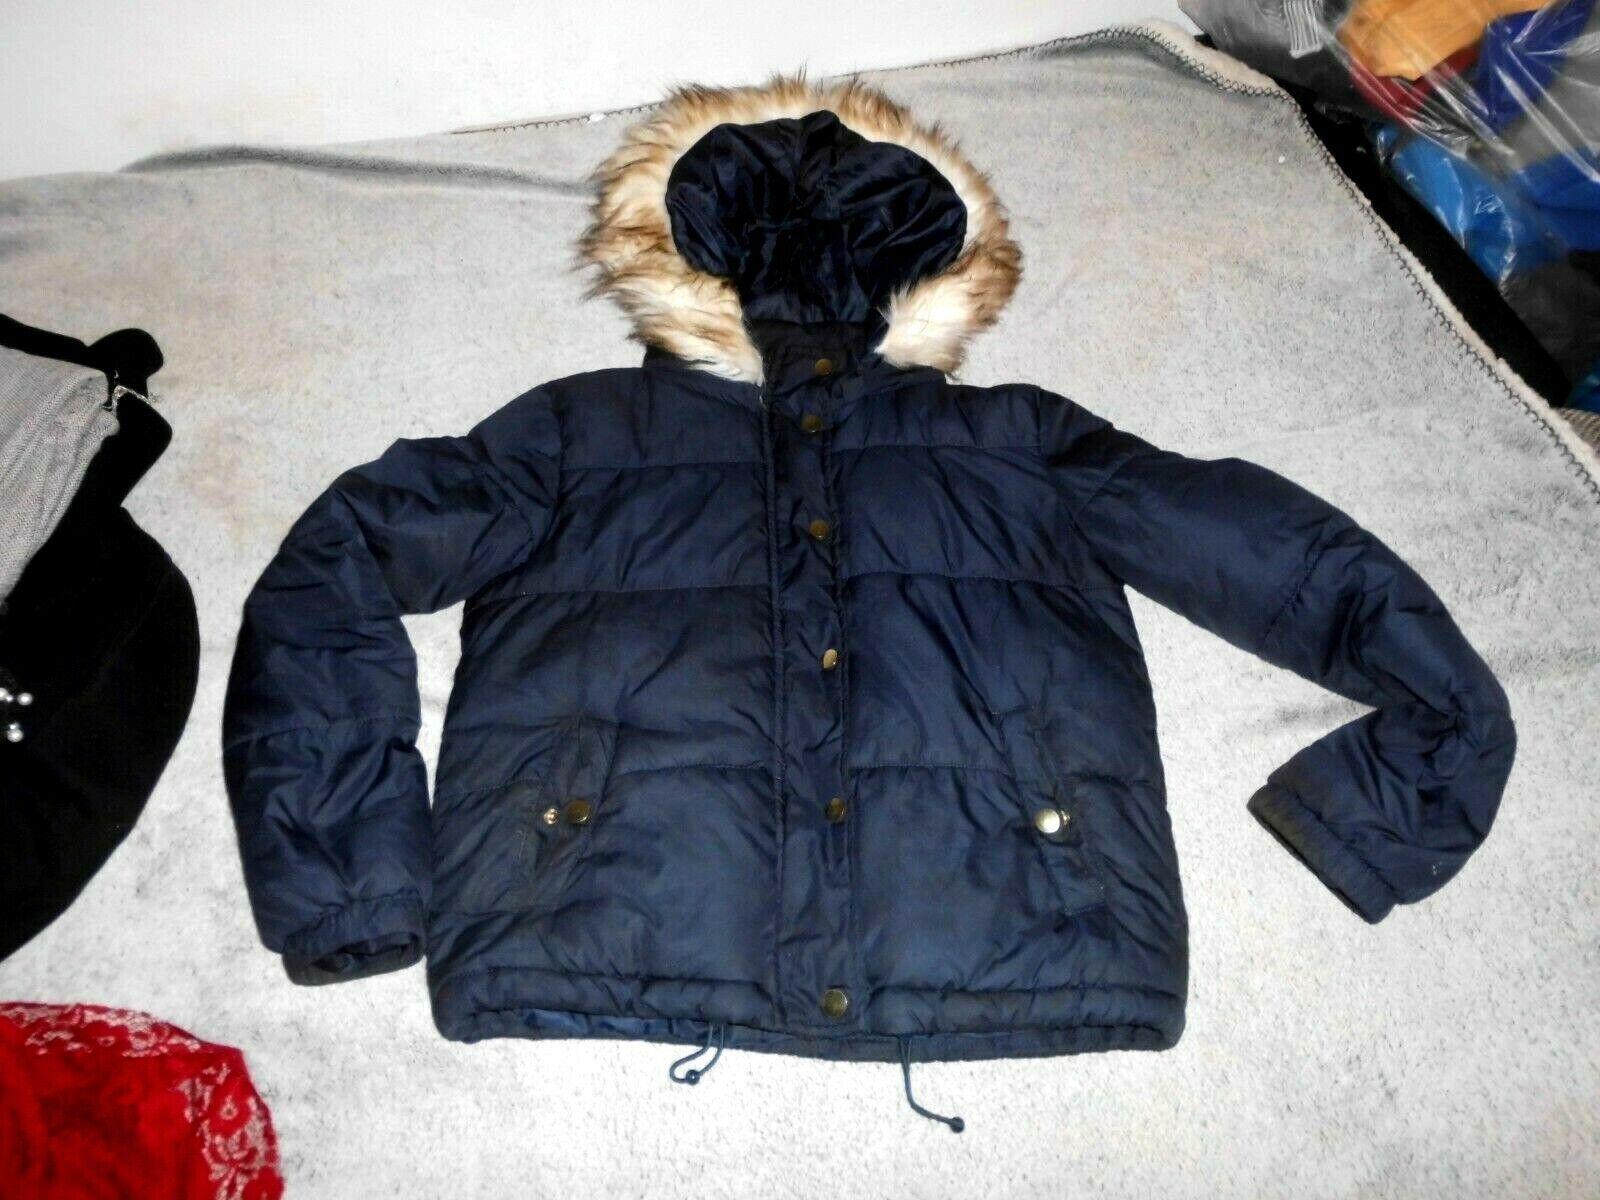 20 teil. Bekleidungspaket Mädchen Damen Gr. S 36 mit Warmer Winter Jacke